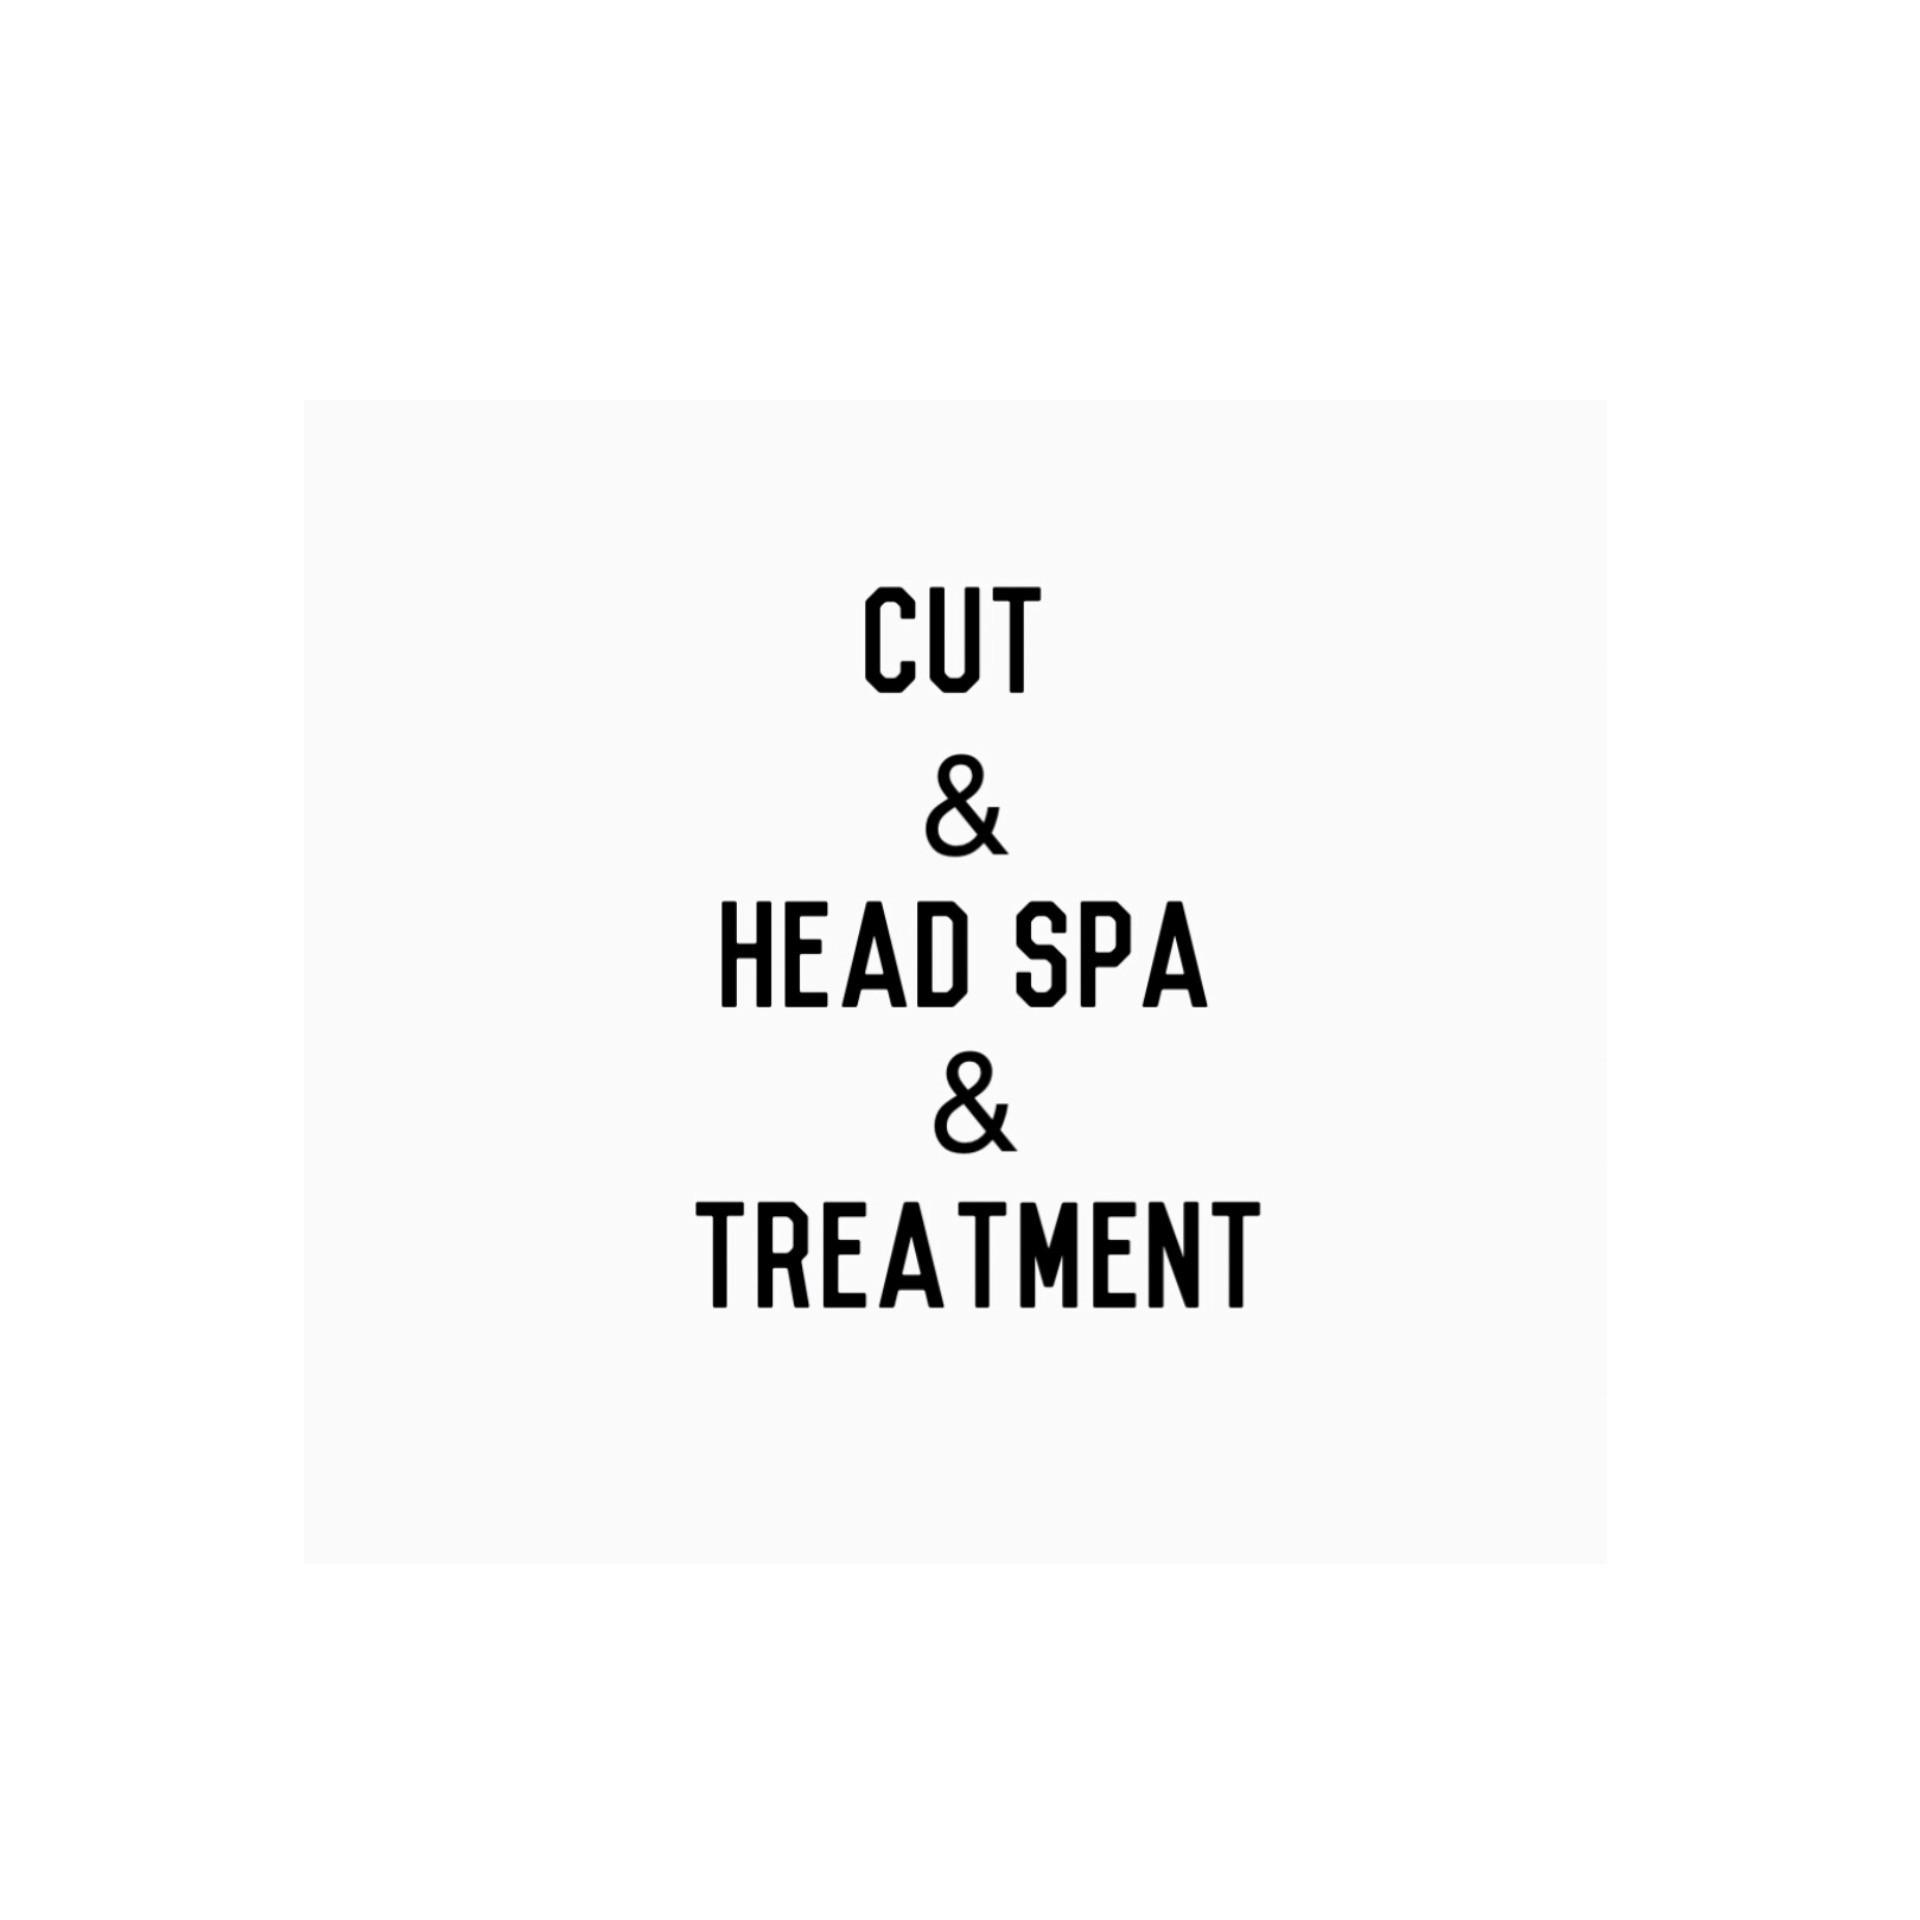 Cut & Head Spa & Treatment